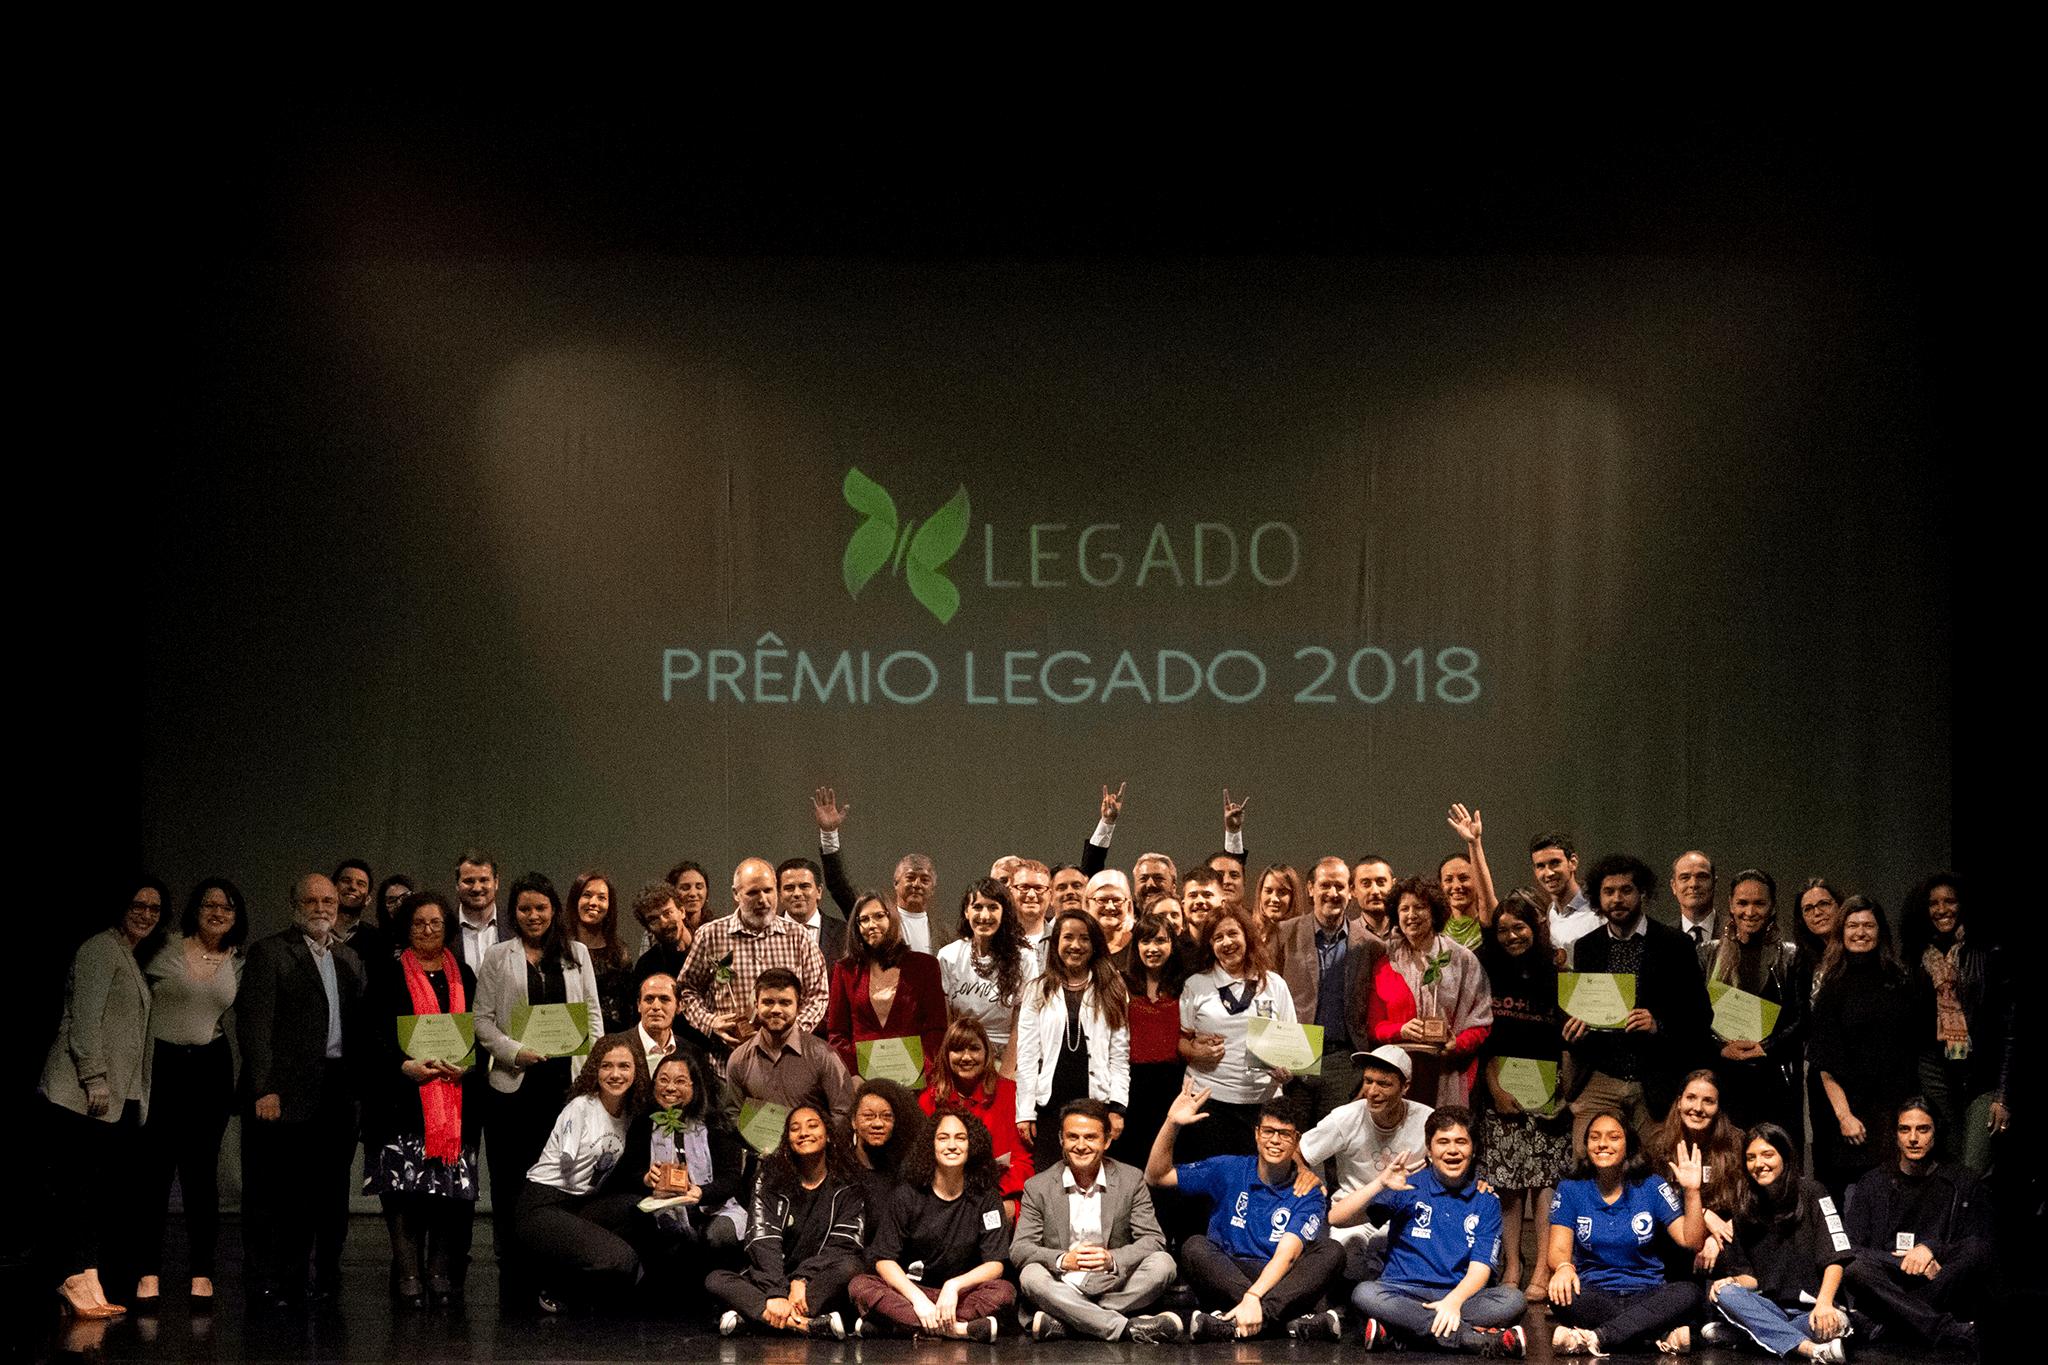 projeto legado